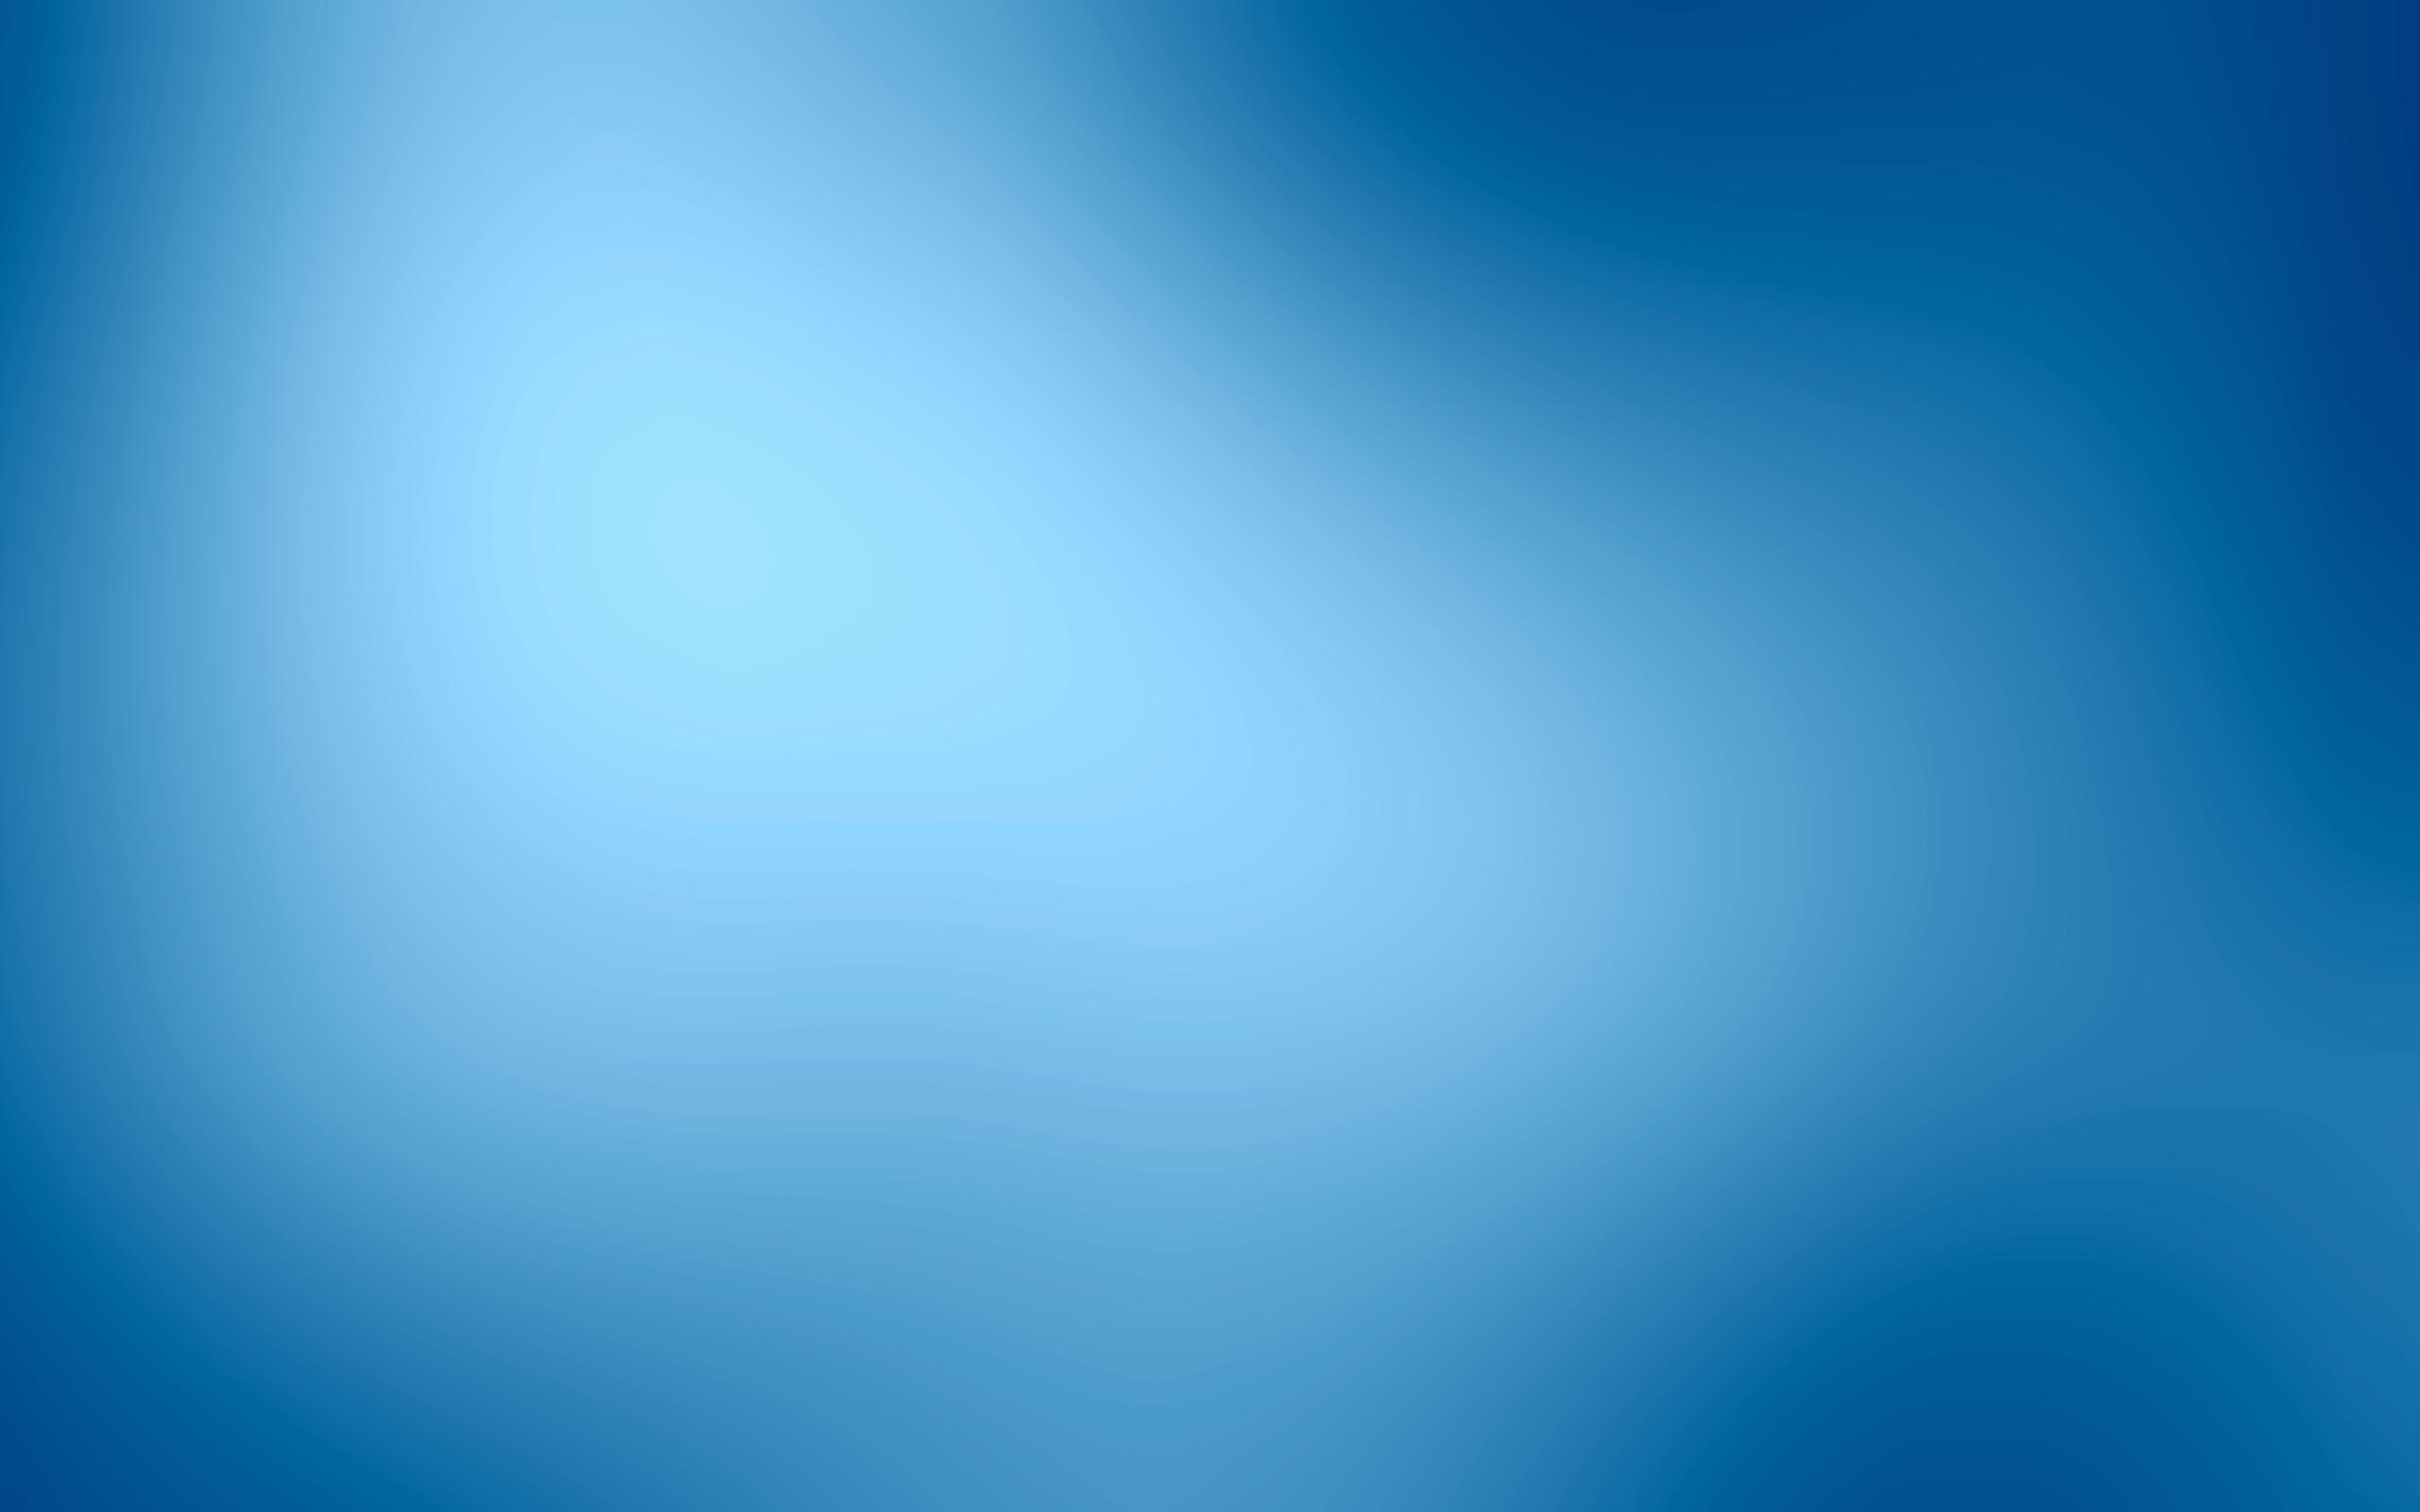 Blue Wallpaper 055